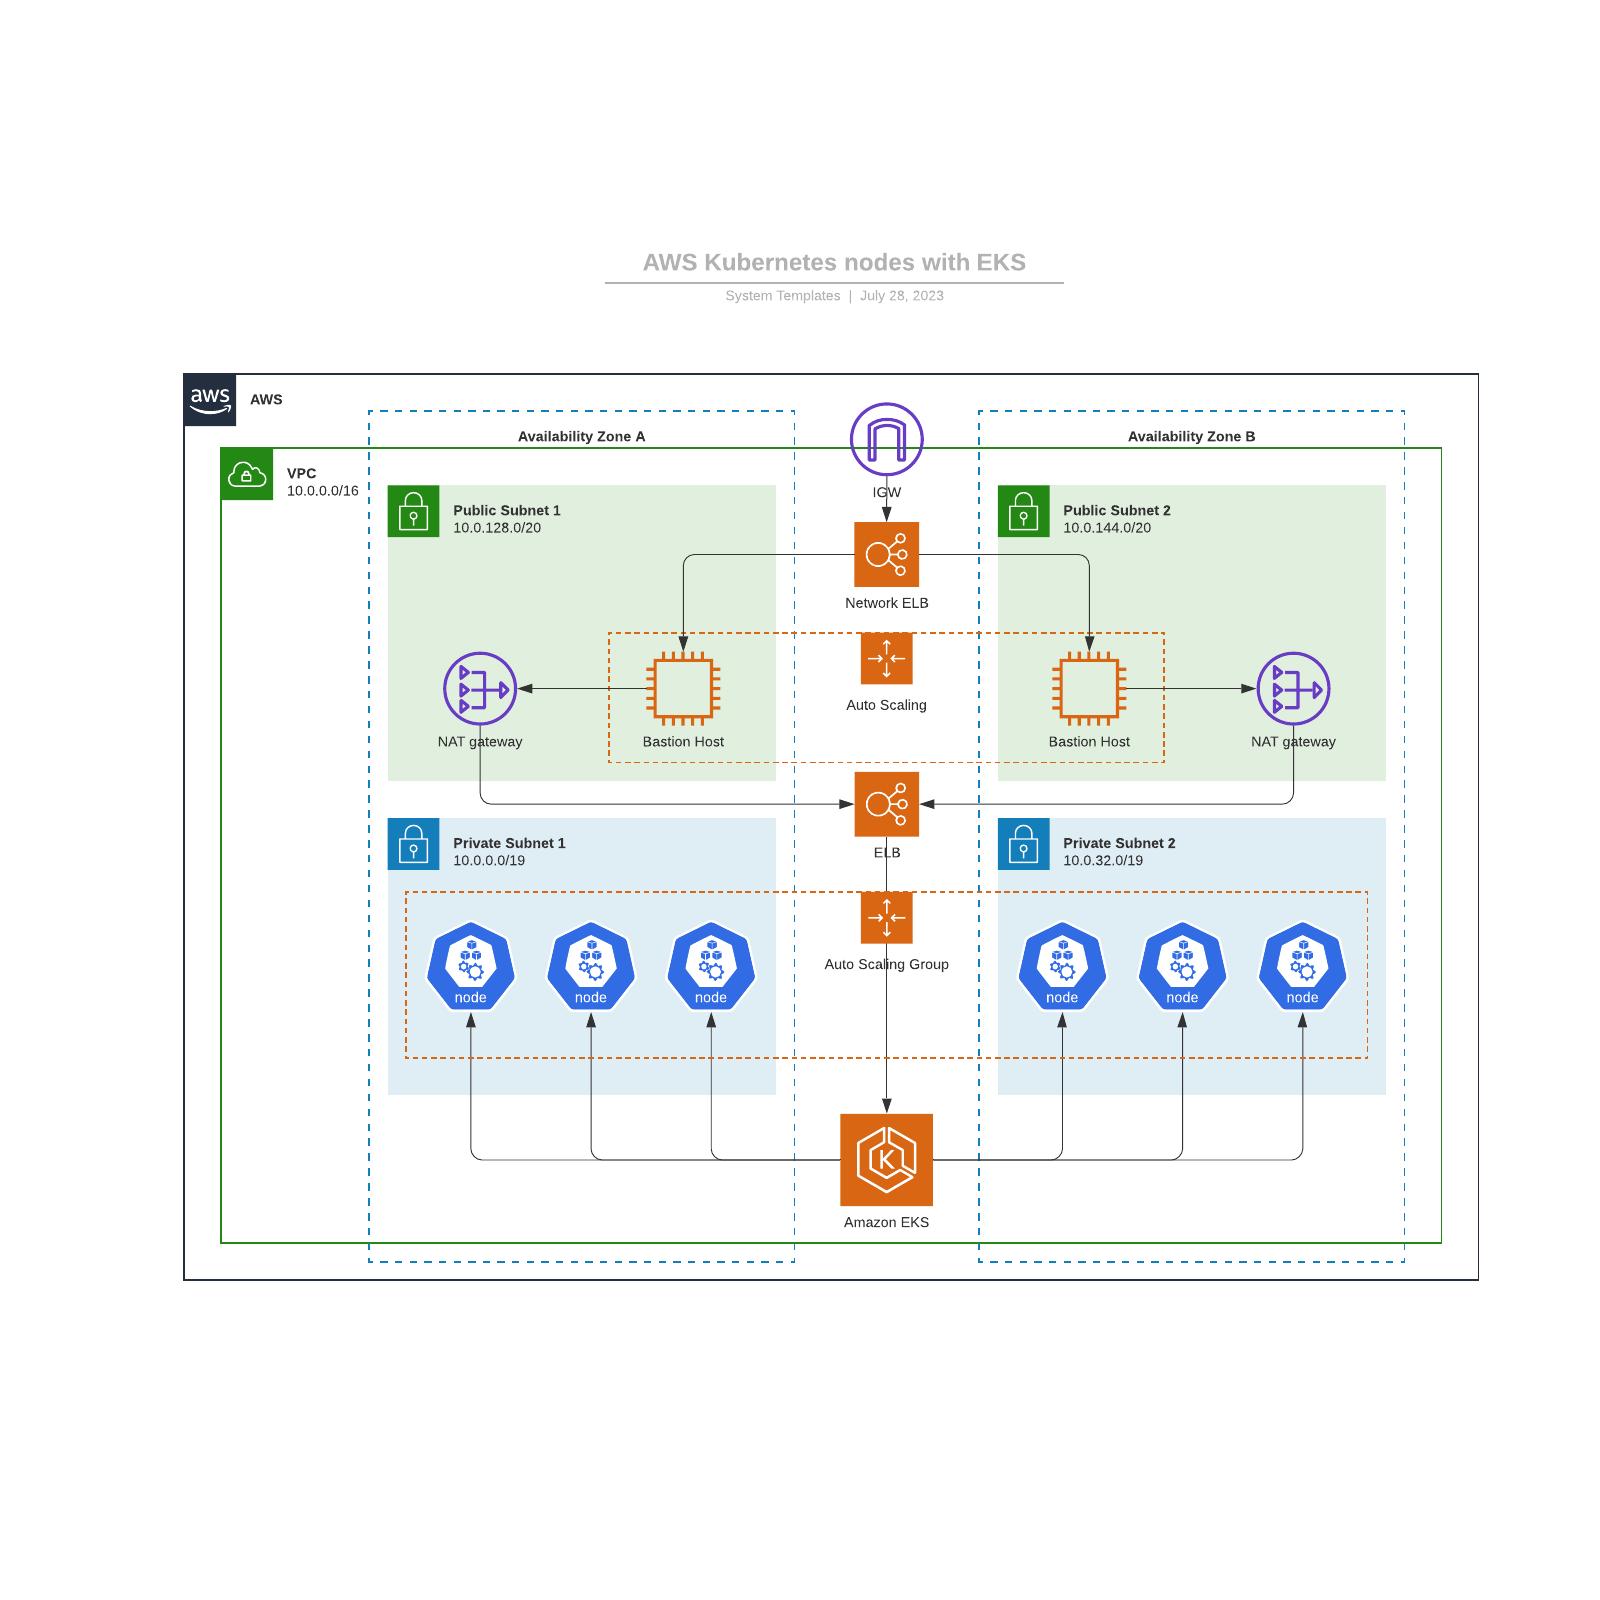 AWS Kubernetes nodes with EKS